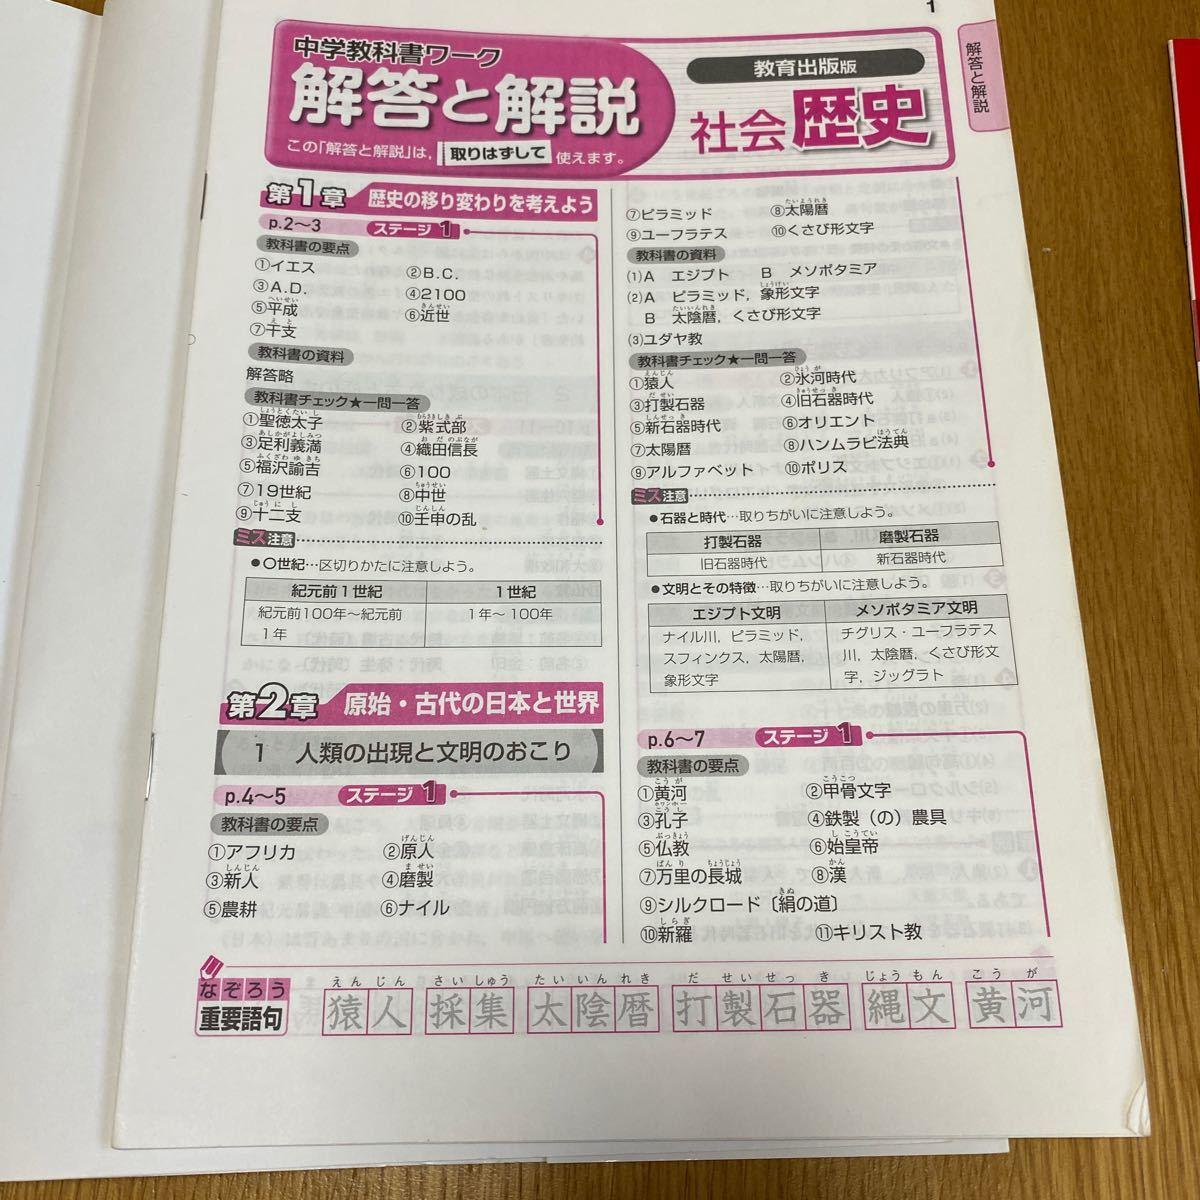 中学社会 歴史 教科書ワーク 問題集